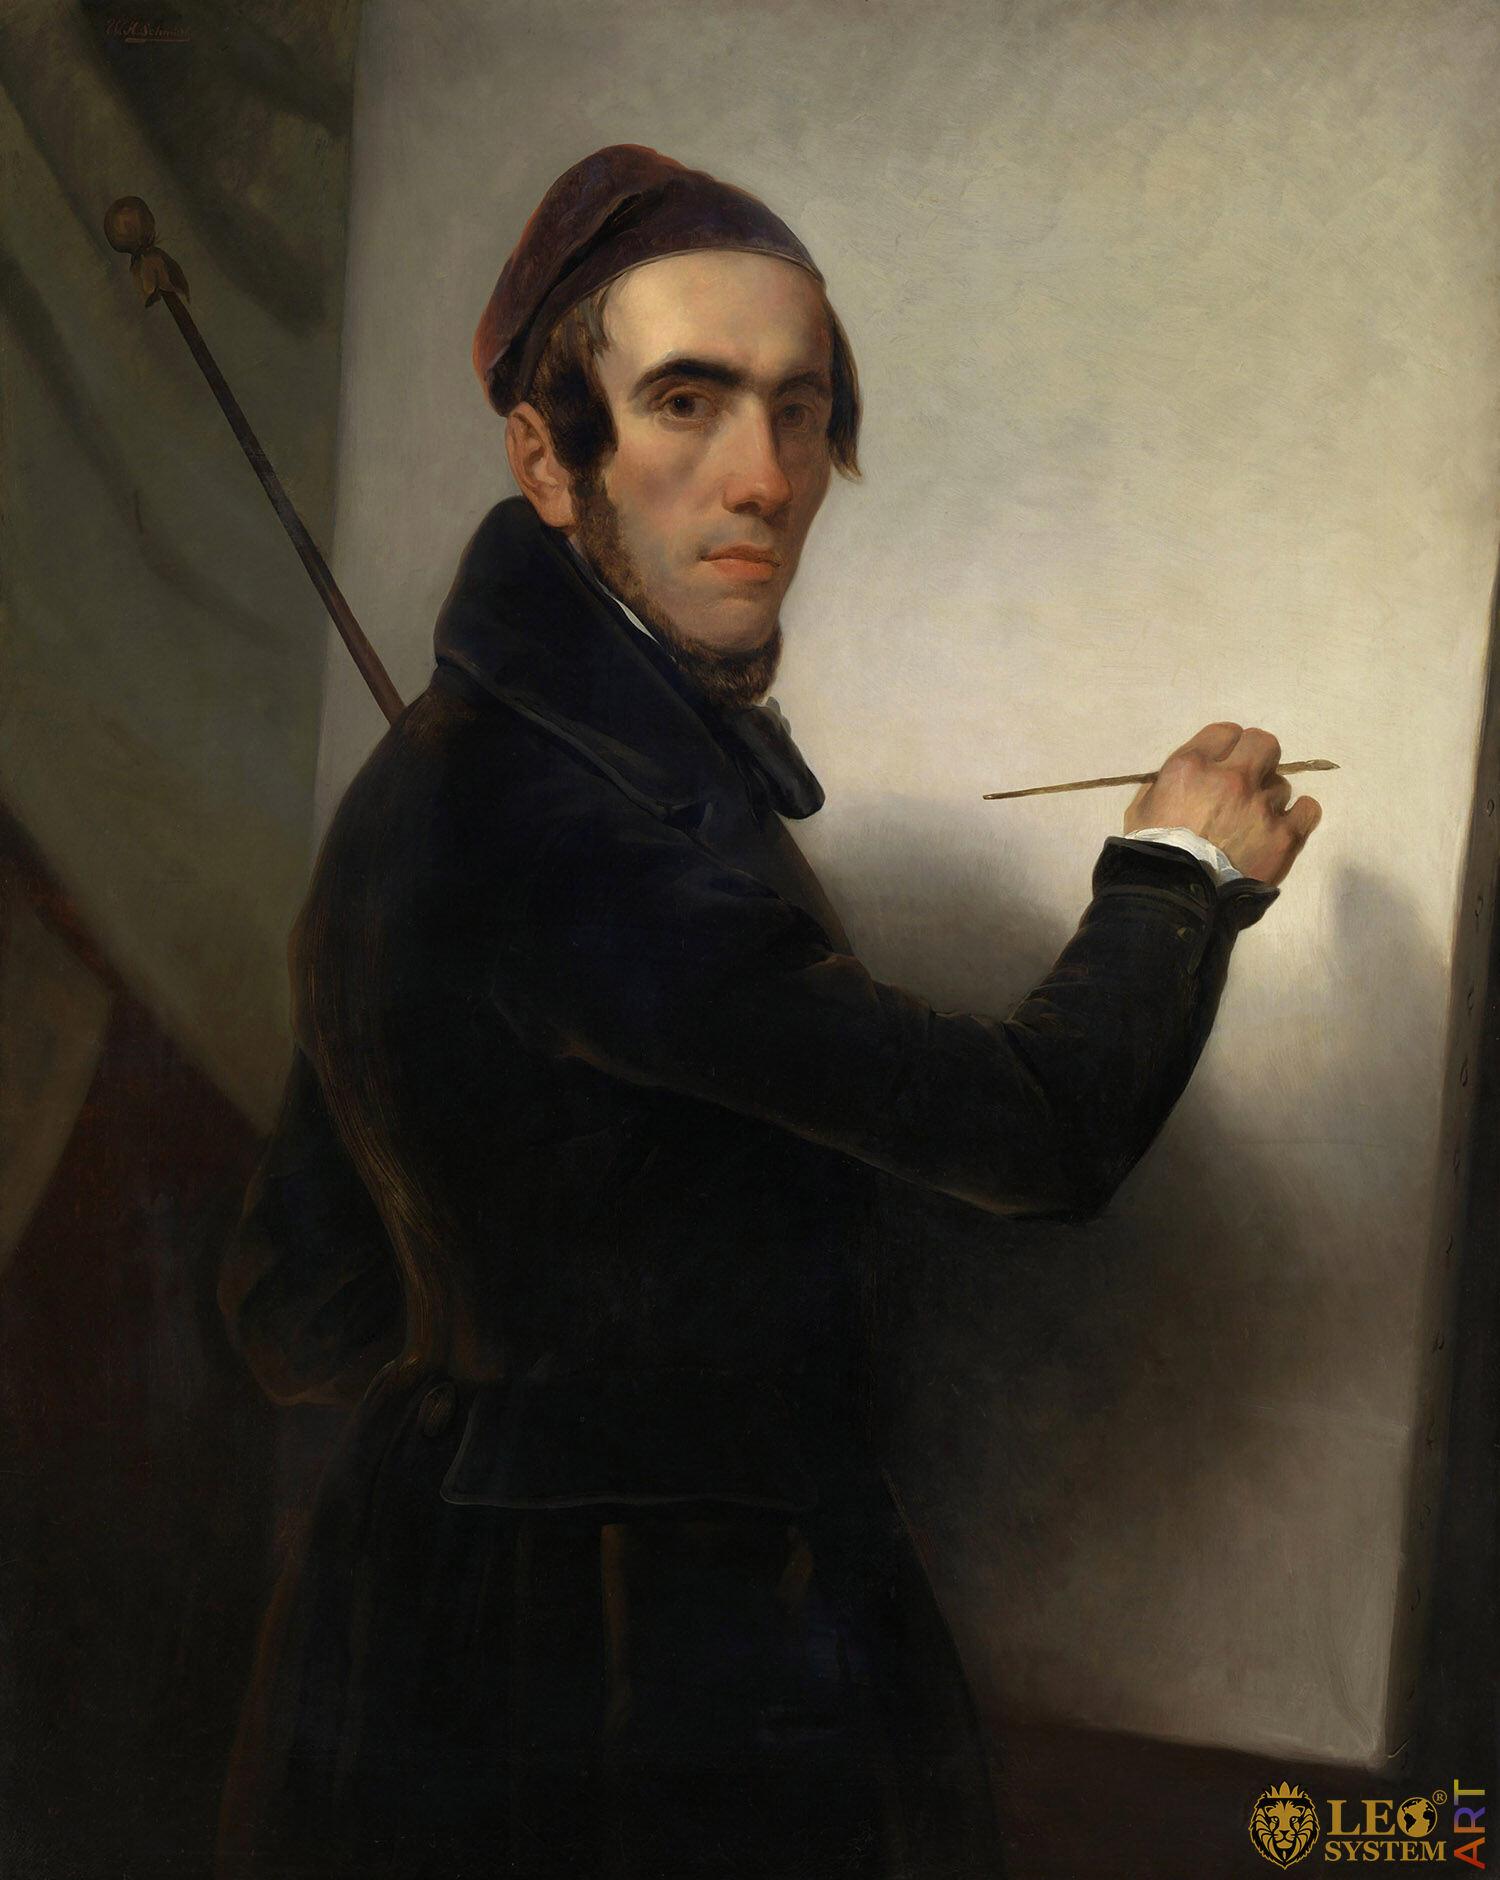 Self-Portrait, Willem Hendrik Schmidt, Painter: Willem Hendrik Schmidt, 1840-1849, Amsterdam, Netherlands, Original painting